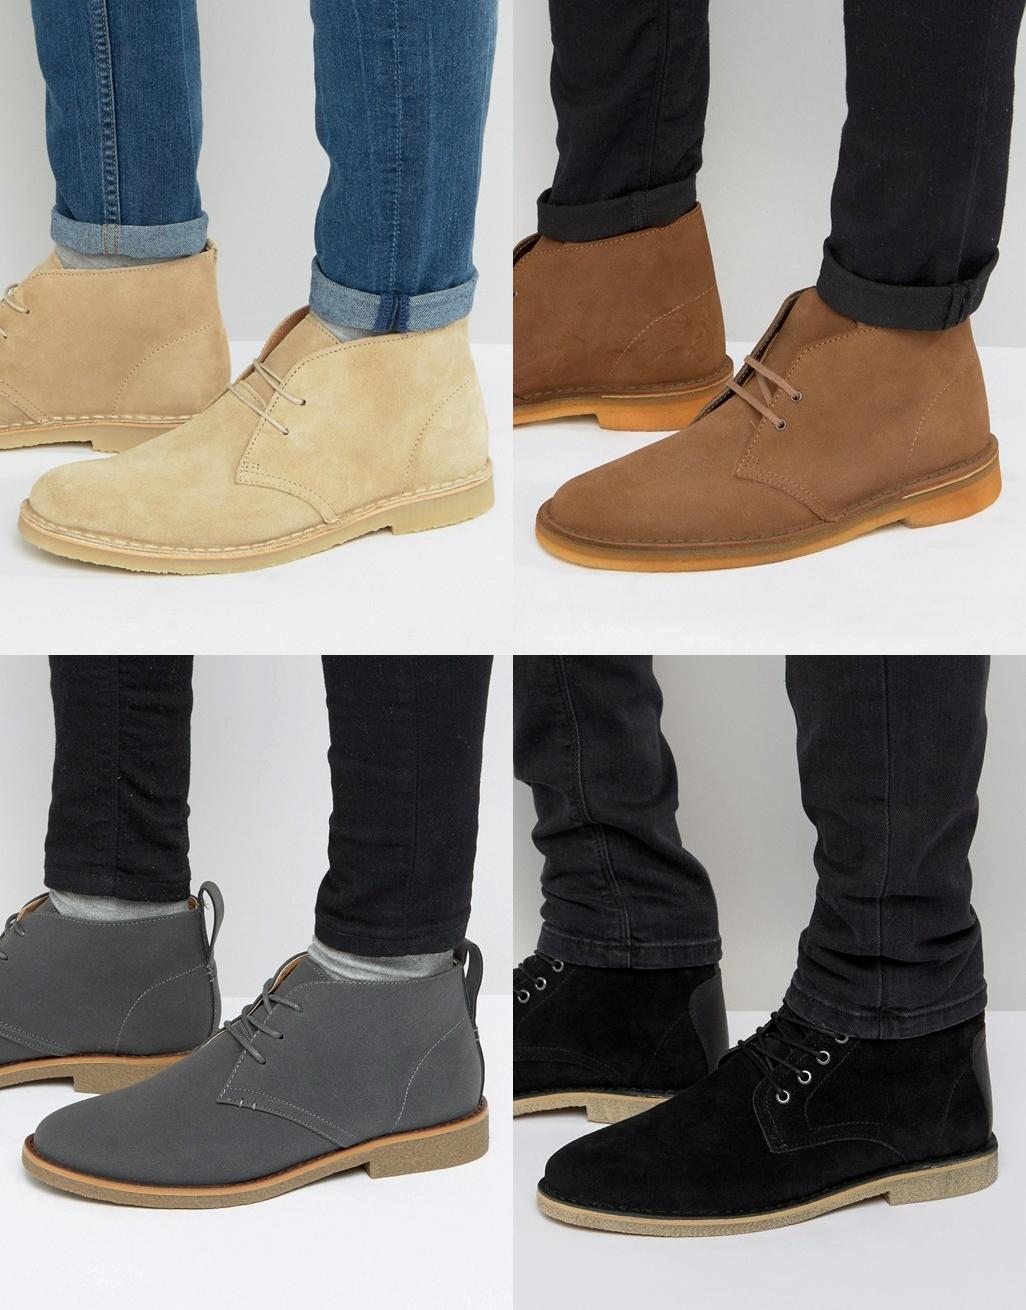 bota masculina 2017, bota para homens, modelo de bota, bota de camurça, desert boot, blog de moda masculina, moda sem censura, alex cursino, dicas de estilo masculino